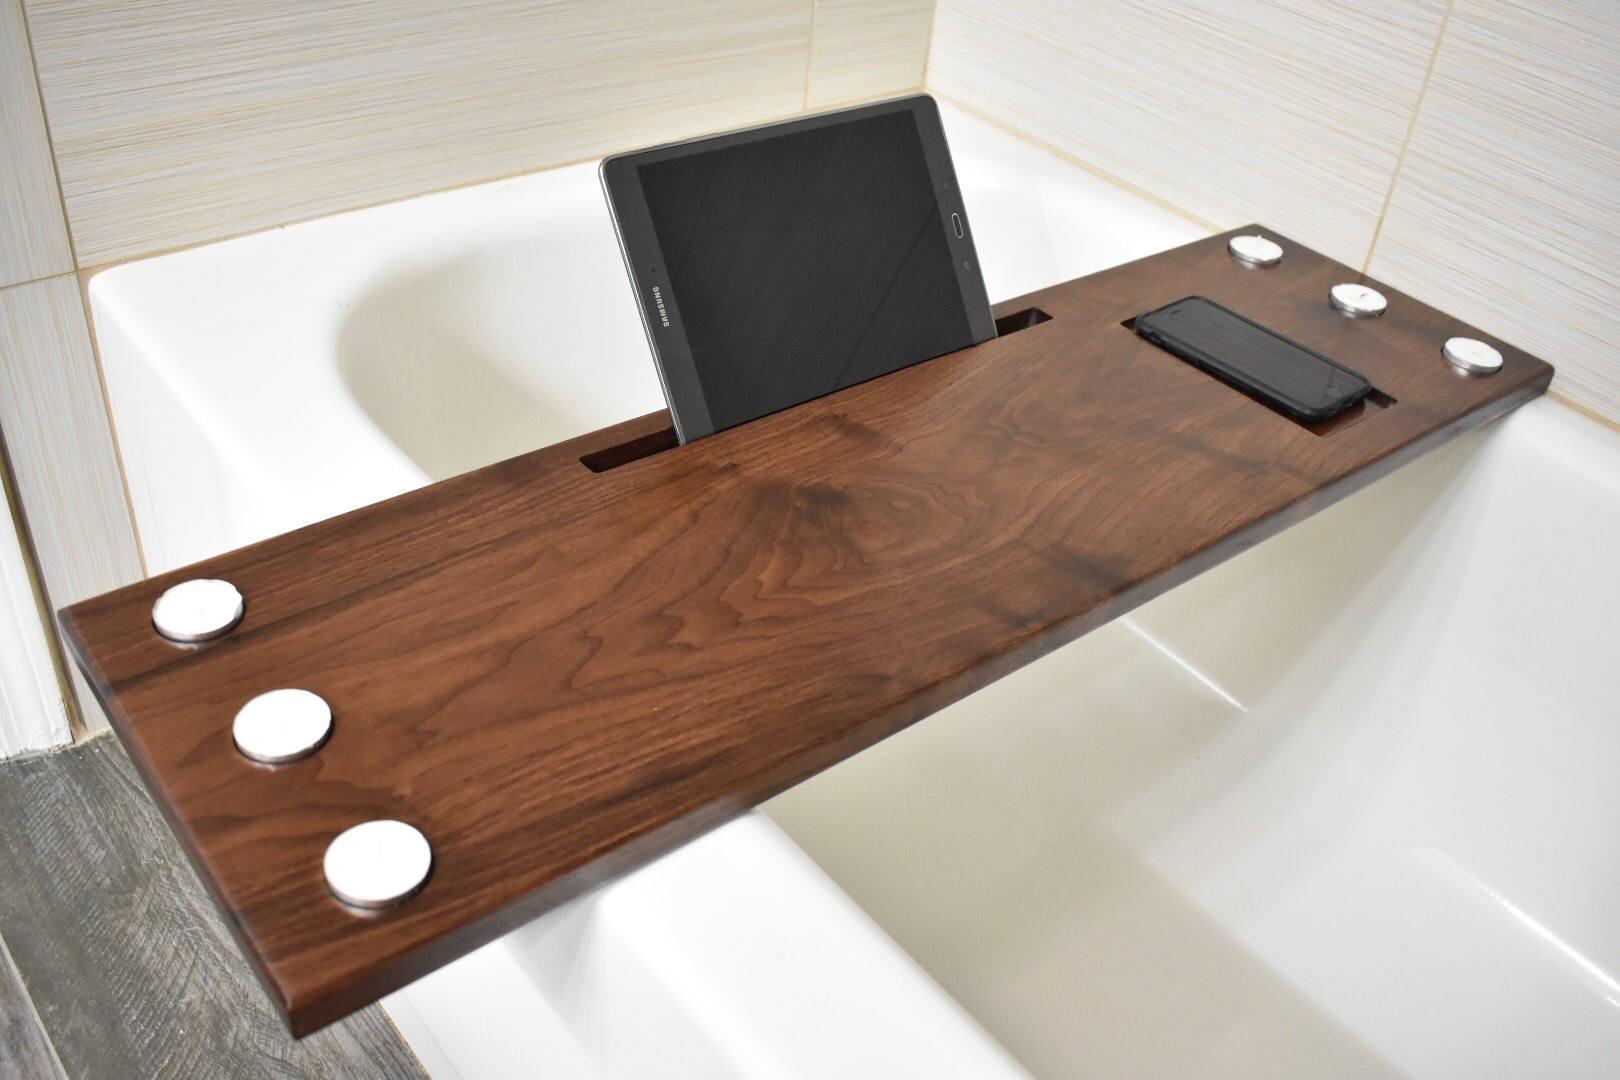 Walnut Bath Tub Caddy bath tray wood bathtub caddy wood